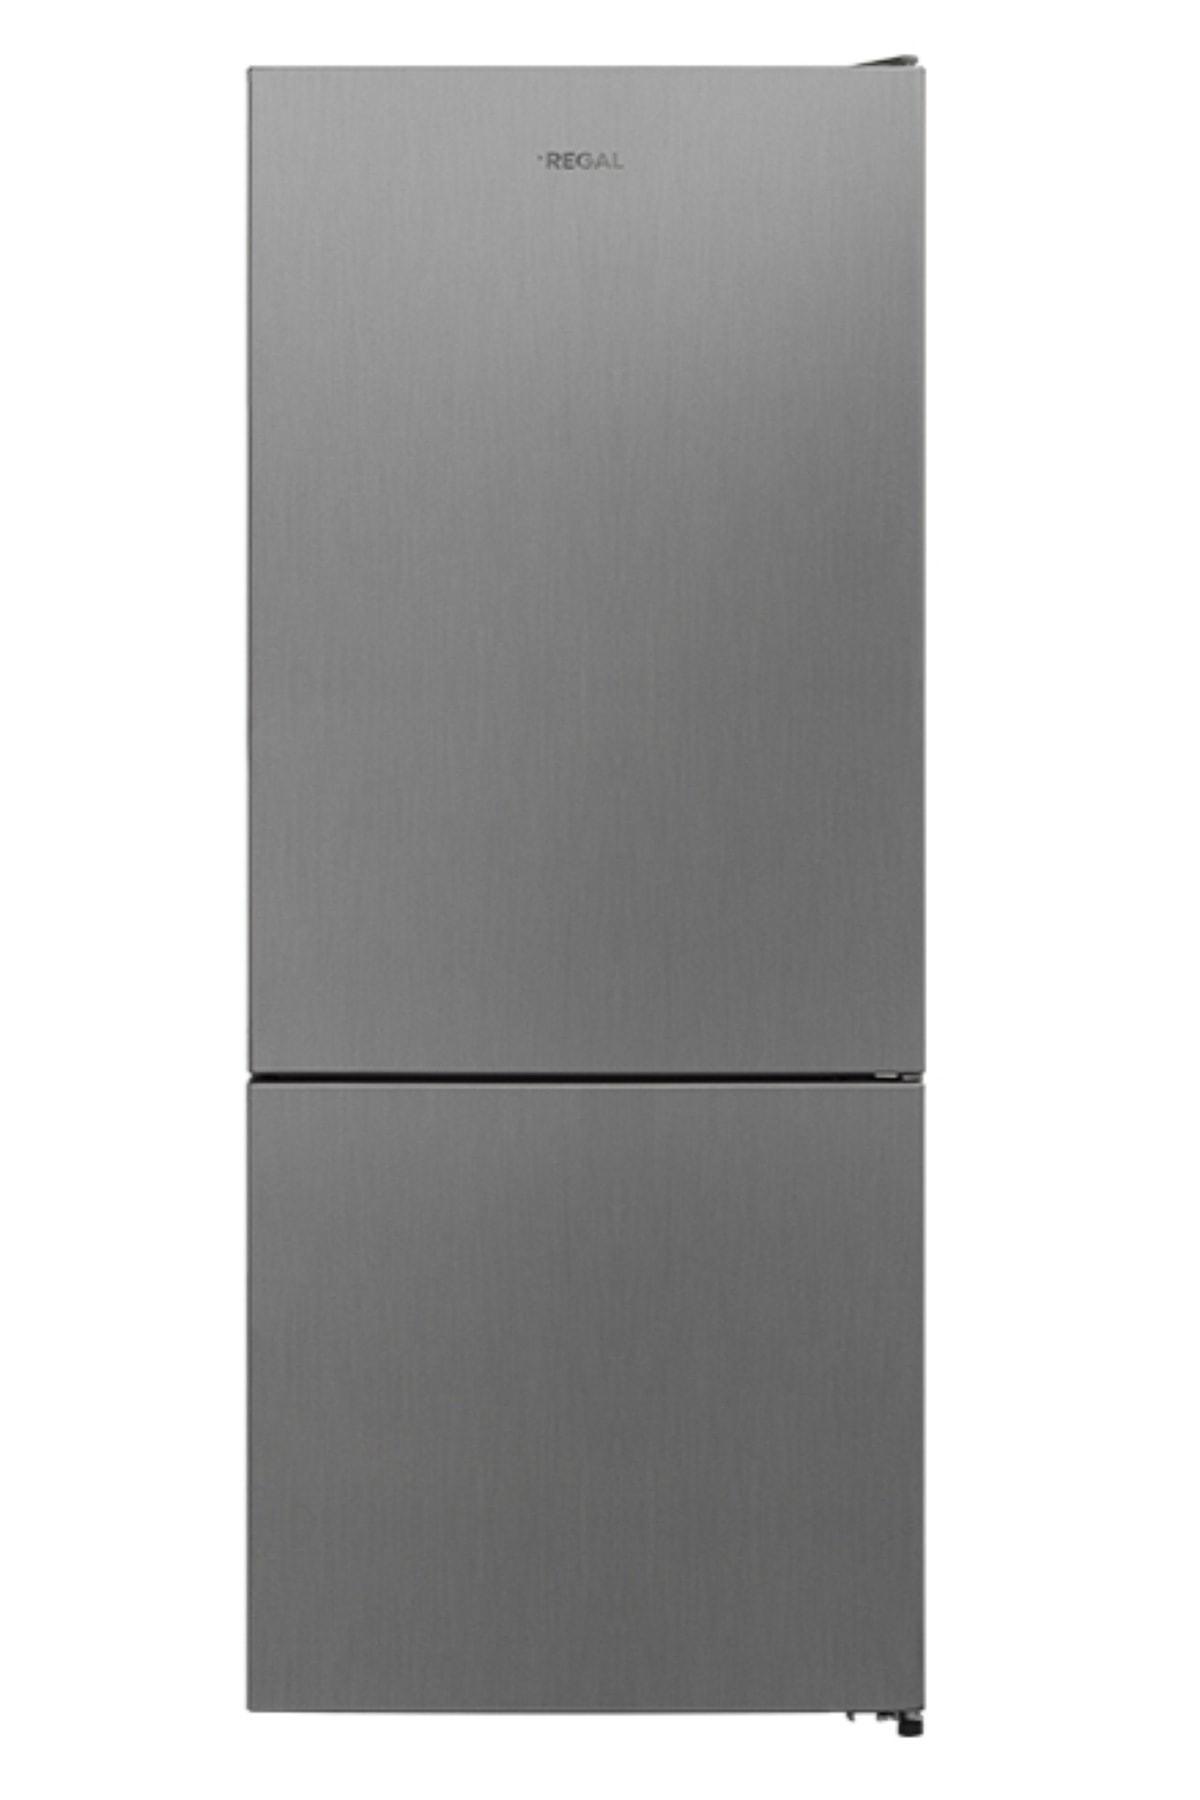 Regal NFK 4820 IG A++ Kombi No Frost Buzdolabı 1